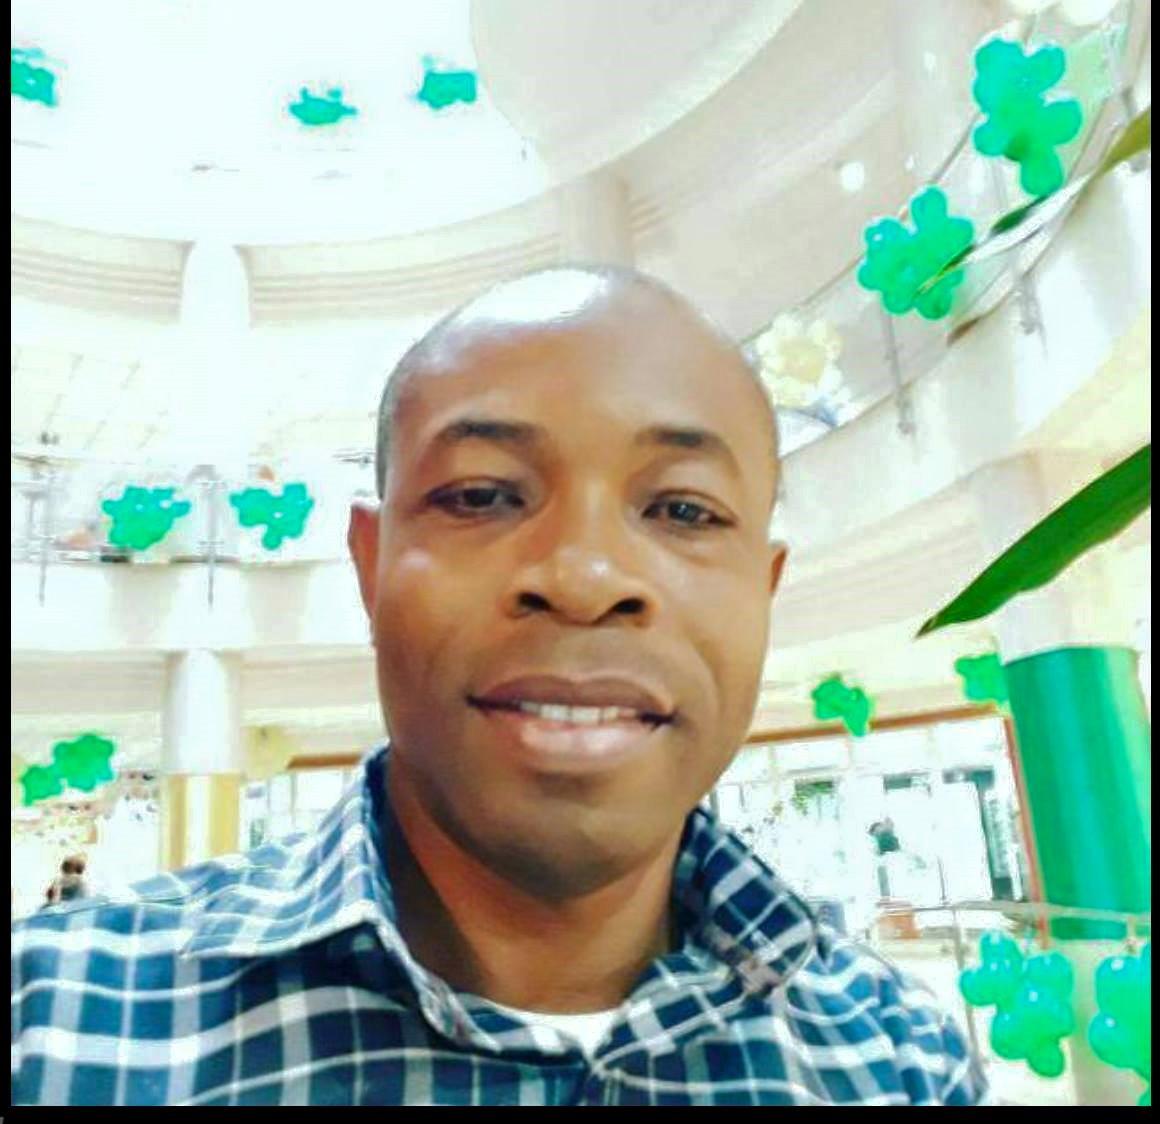 Chukwuma Smart Amaefula on ilmastonmuutosasiantuntija ja ympäristönsuojelija Abujasta, Nigeriasta. Hän toimii vaikuttamistoimintaan keskittyvän Climatters -kansalaisjärjestön toimitusjohtajana ja on muun muassa tehnyt selvitystä aurinkoenergian mahdollisuuksista pk-yritysten toiminnan kehittämisessä.